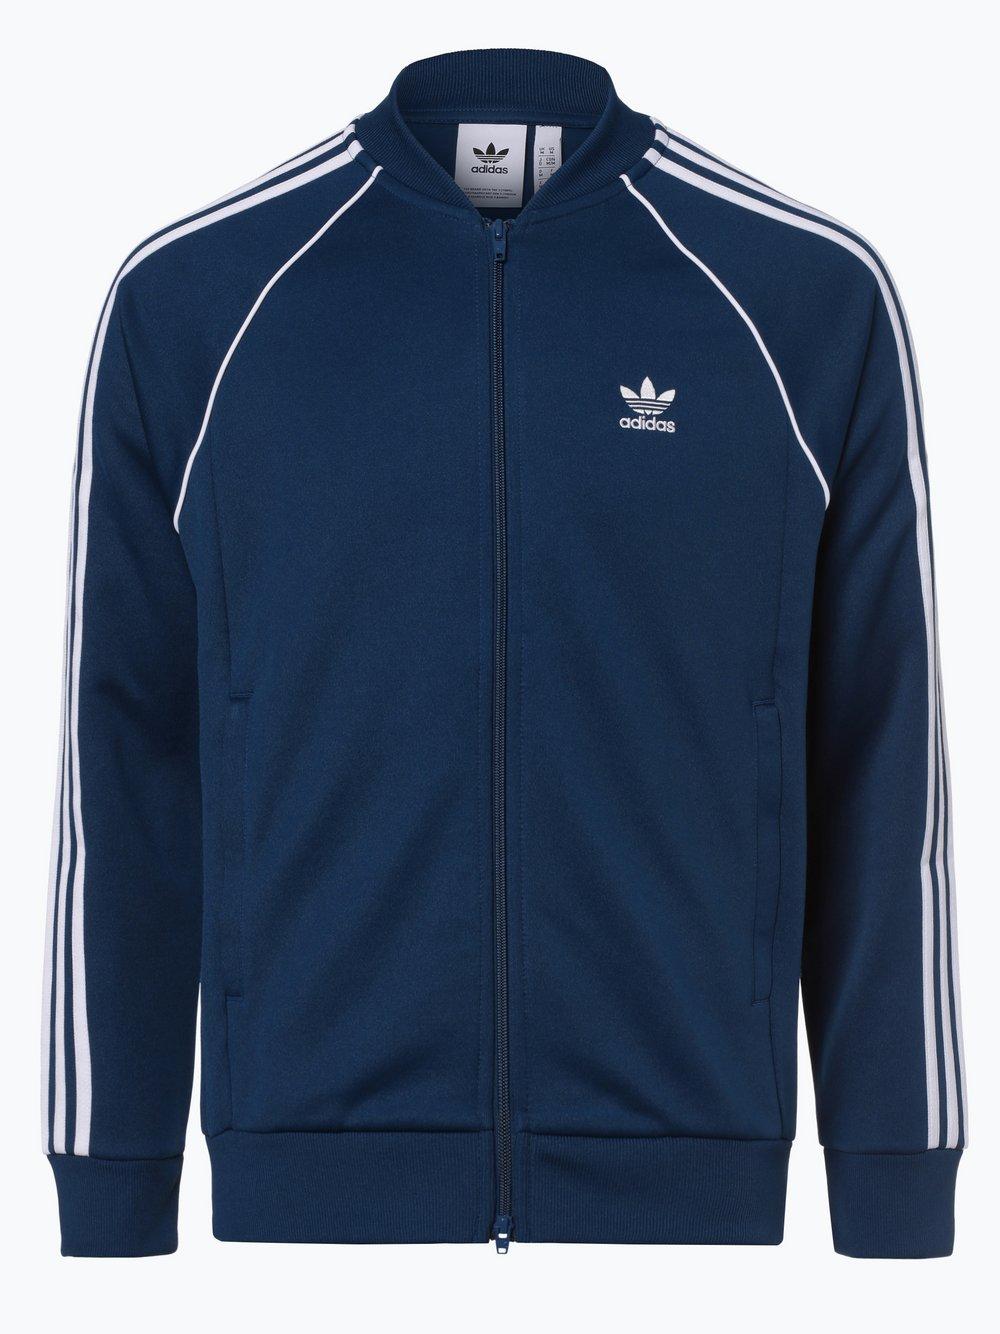 Obraz przedstawiający adidas Originals - Męska bluza nierozpinana, niebieski